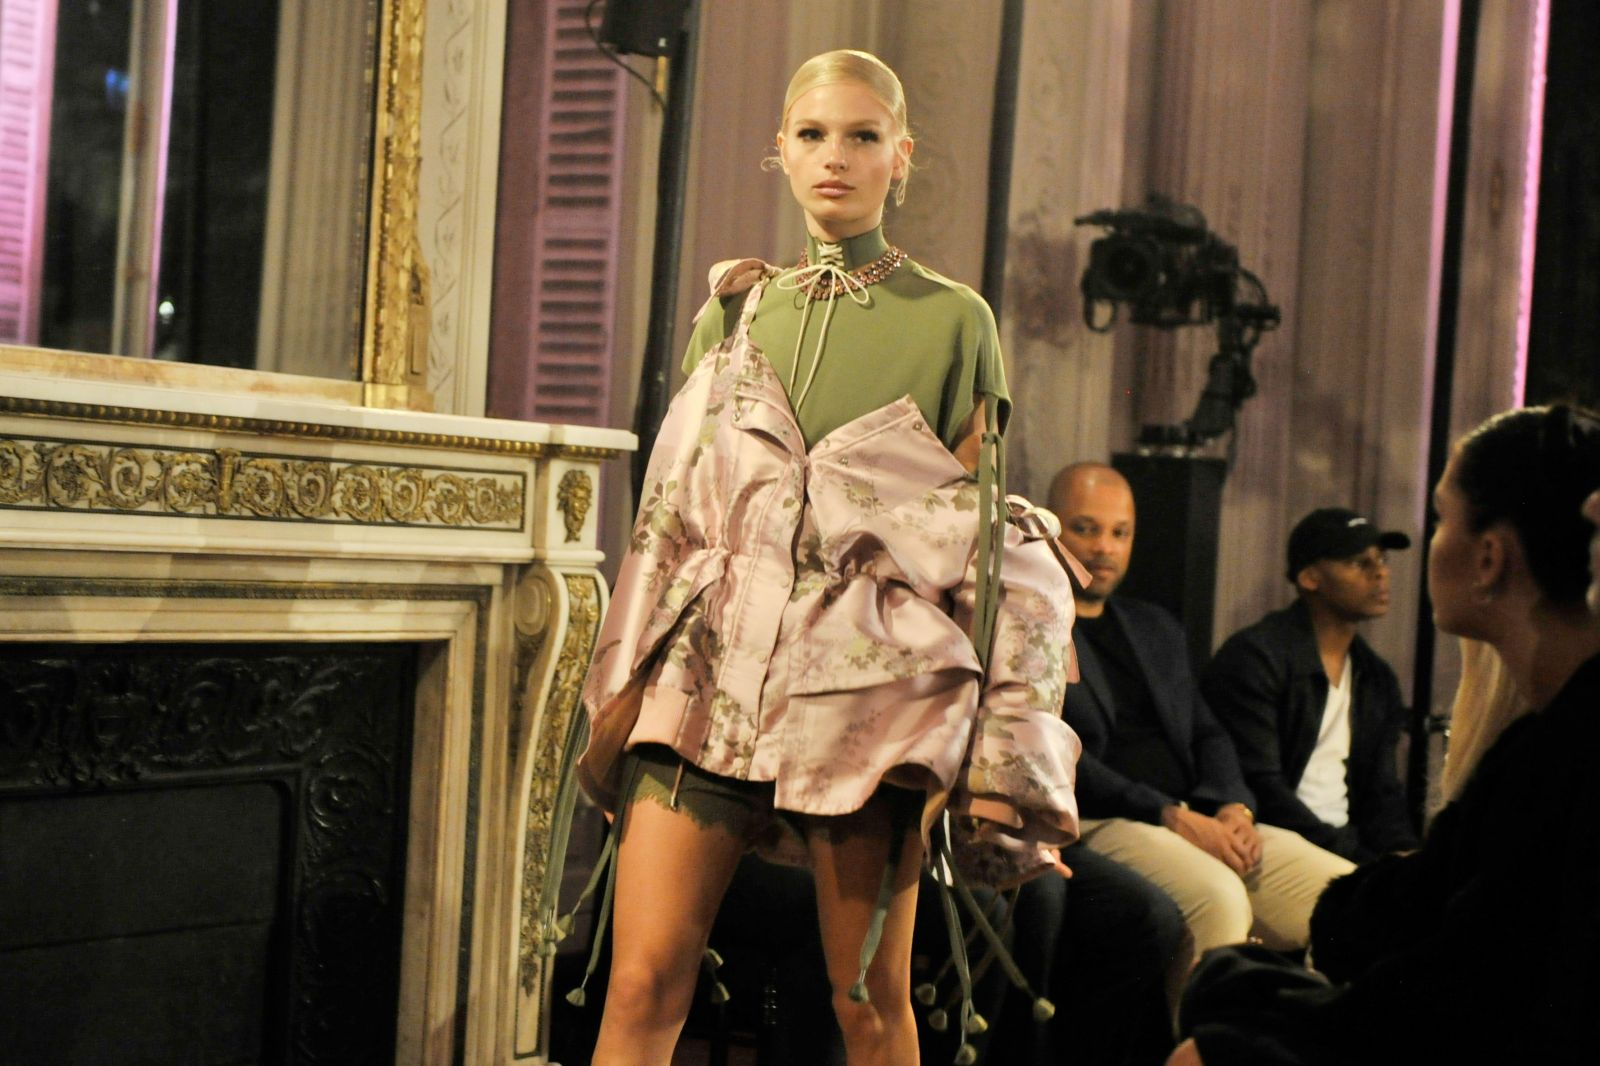 Рианна блеснула красотой на показе своей новой коллекции в Париже (ФОТО)